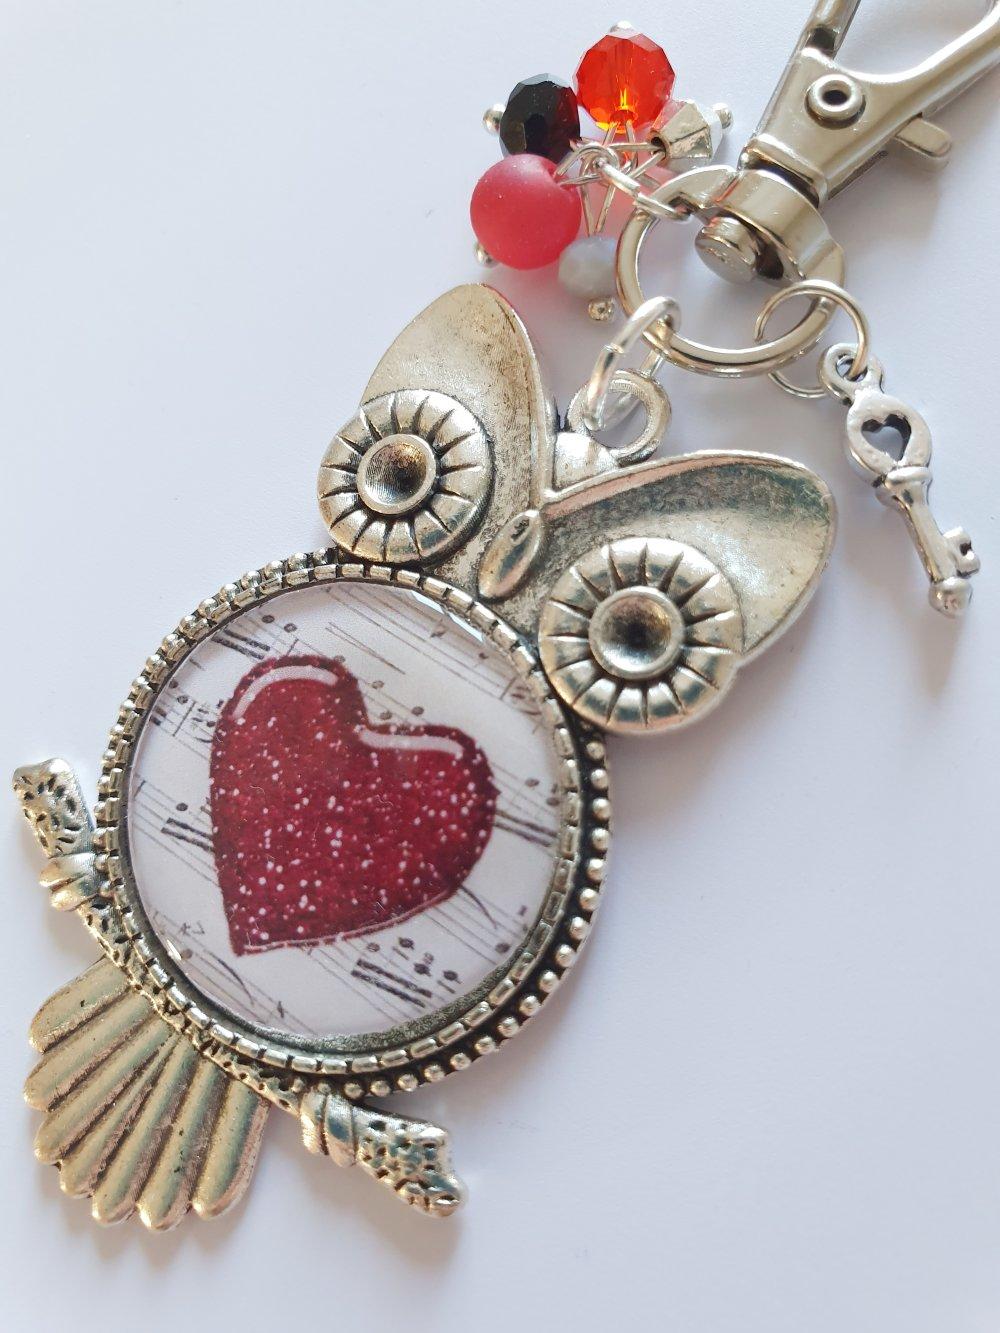 Porte-clef amour idée cadeau saint Valentin hibou chouette cœur rouge musique cabochon